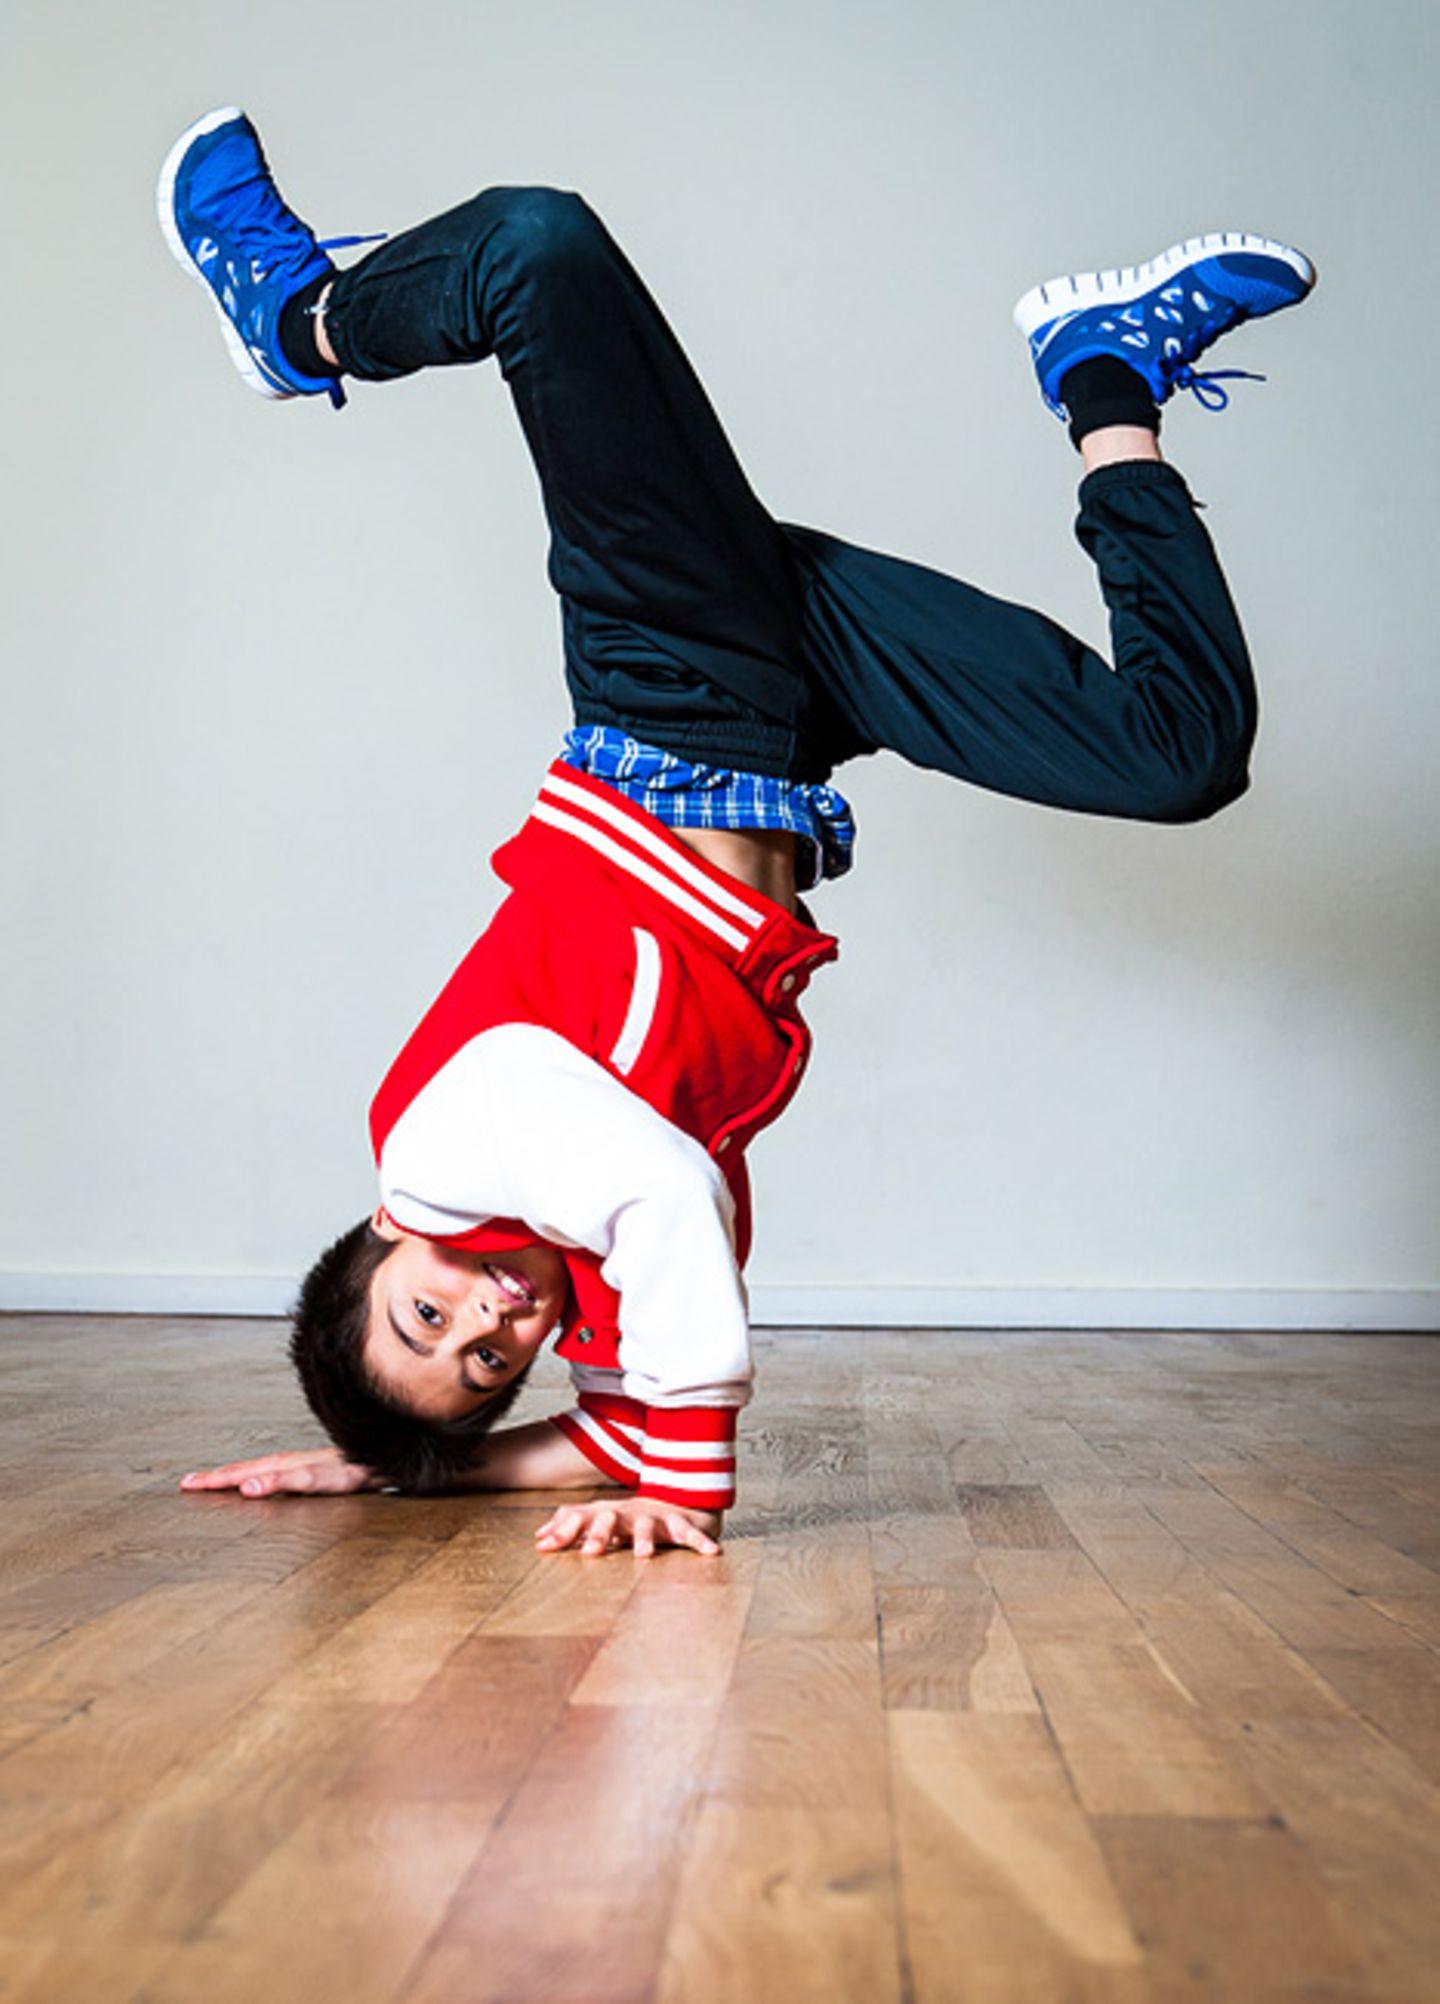 Video: Breakdance: Tanz ohne Regeln - Bild 5